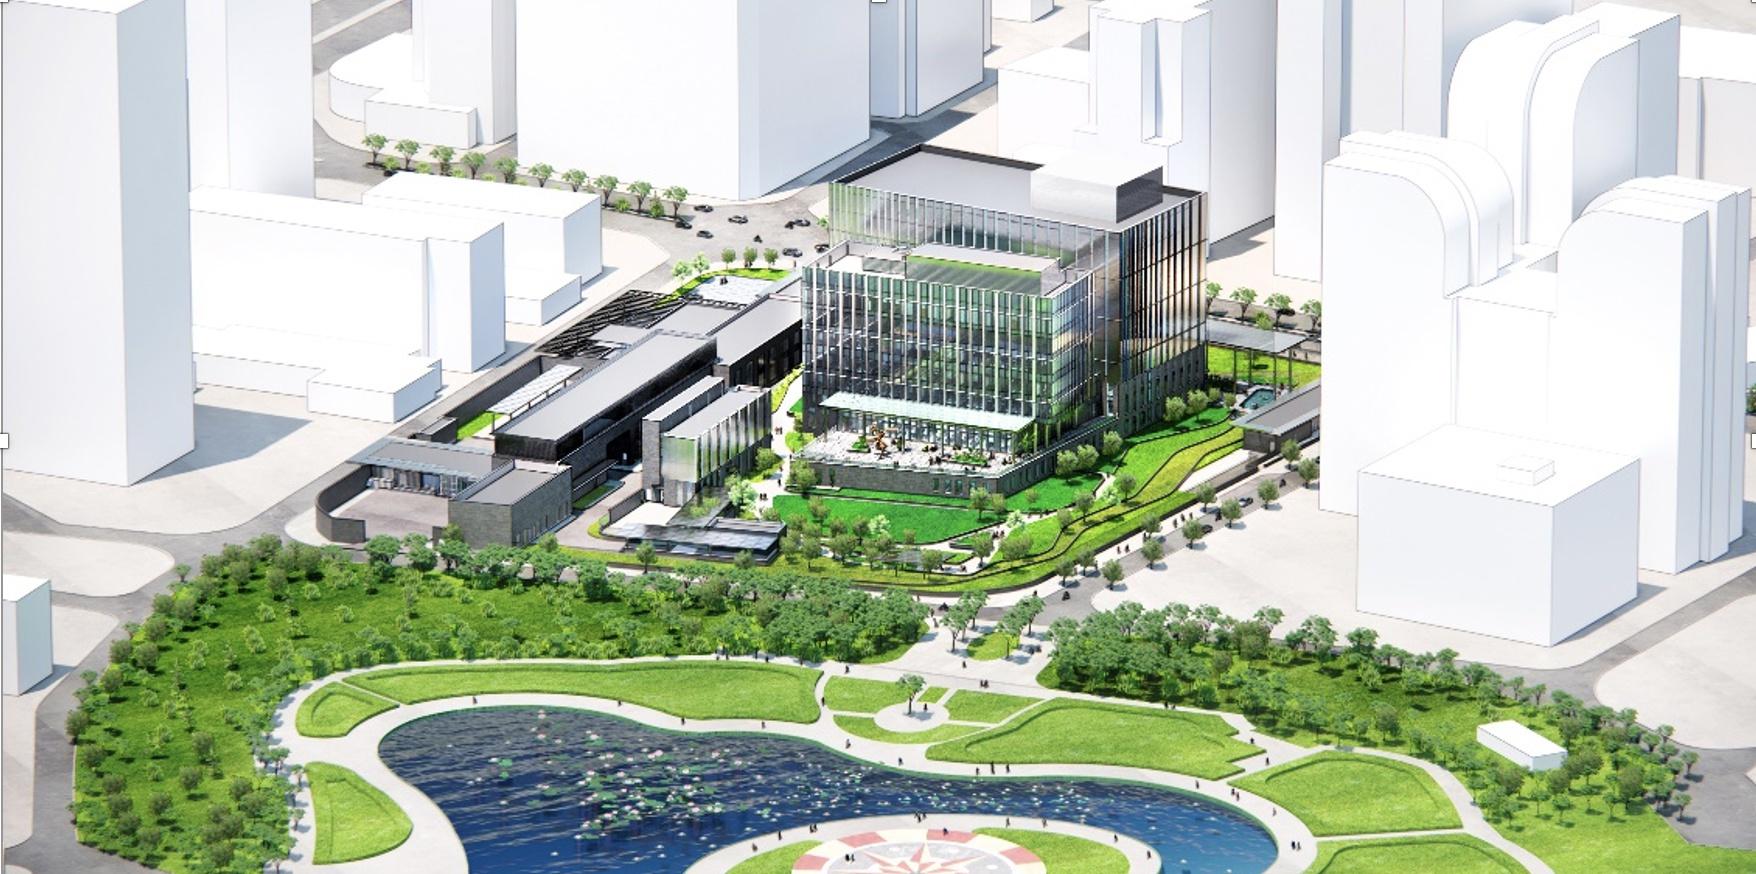 Trụ sở mới Đại sứ quán Mỹ: Nằm giữa 'Thung lũng Silicon' của Hà Nội, sẽ có tuyến metro chạy qua - Ảnh 1.